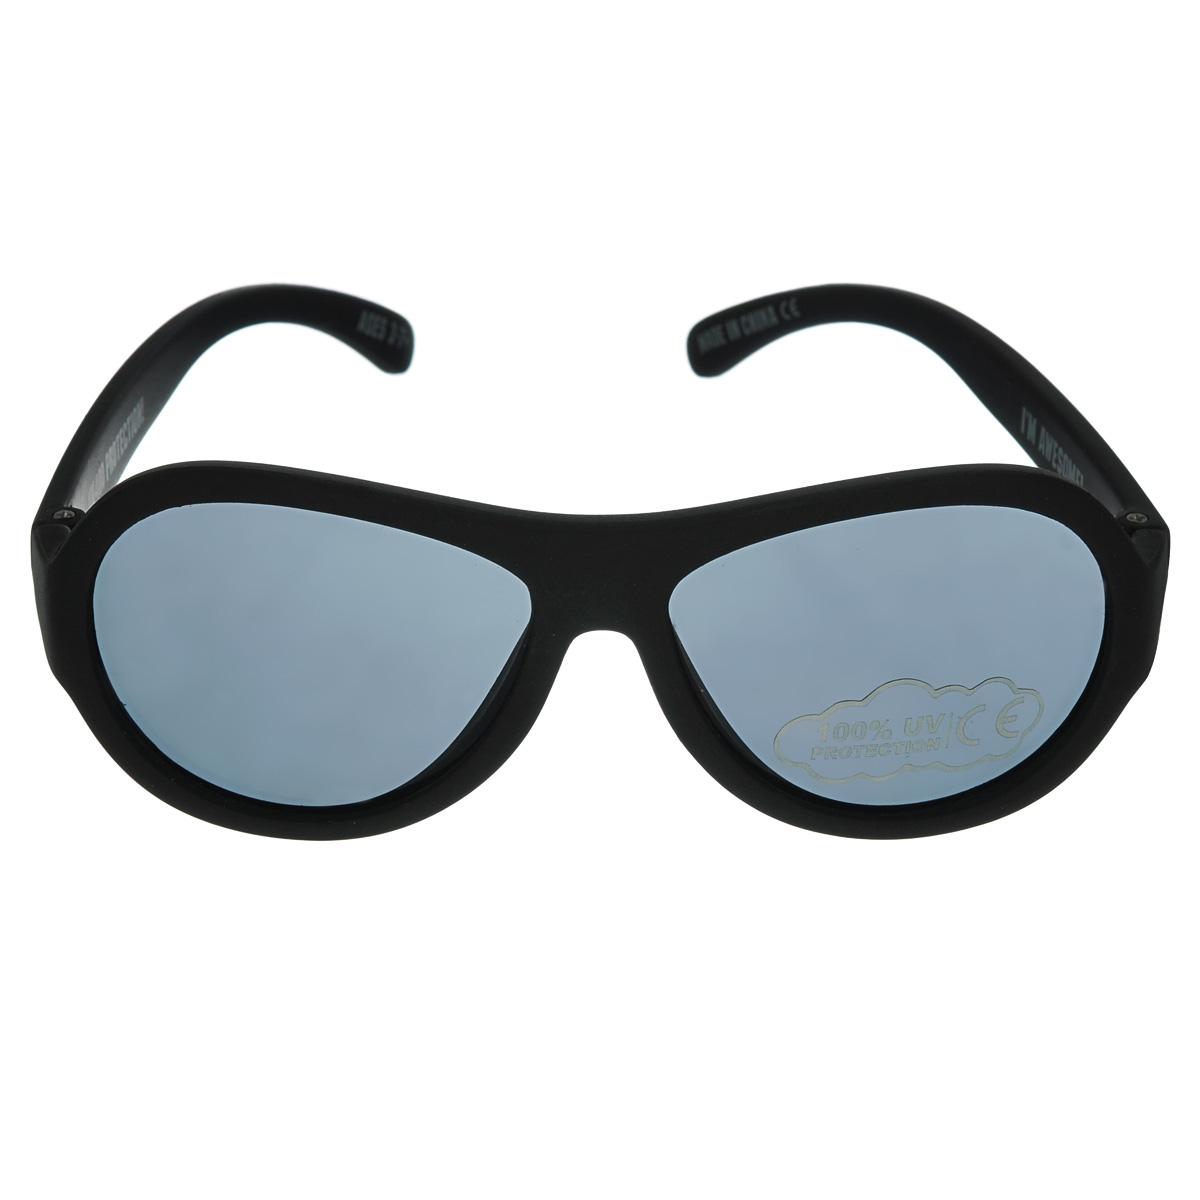 Детские солнцезащитные очки Babiators Спецназ (Black Ops), цвет: черный, 3-7 летBAB-005Защита глаз всегда в моде. Вы делаете все возможное, чтобы ваши дети были здоровы и в безопасности. Шлемы для езды на велосипеде, солнцезащитный крем для прогулок на солнце... Но как насчёт влияния солнца на глазах вашего ребёнка? Правда в том, что сетчатка глаза у детей развивается вместе с самим ребёнком. Это означает, что глаза малышей не могут отфильтровать УФ-излучение. Добавьте к этому тот факт, что дети за год получают трёхкратную дозу солнечного воздействия на взрослого человека (доклад Vision Council Report 2013, США). Проблема понятна - детям нужна настоящая защита, чтобы глазка были в безопасности, а зрение сильным. Каждая пара солнцезащитных очков Babiators для детей обеспечивает 100% защиту от UVA и UVB. Прочные линзы высшего качества не подведут в самых сложных переделках. В отличие от обычных пластиковых очков, Babiators выполнены из гибкой резины, что делает их ударопрочными. Будьте уверены, что очки Babiators созданы безопасными, прочными и классными,...